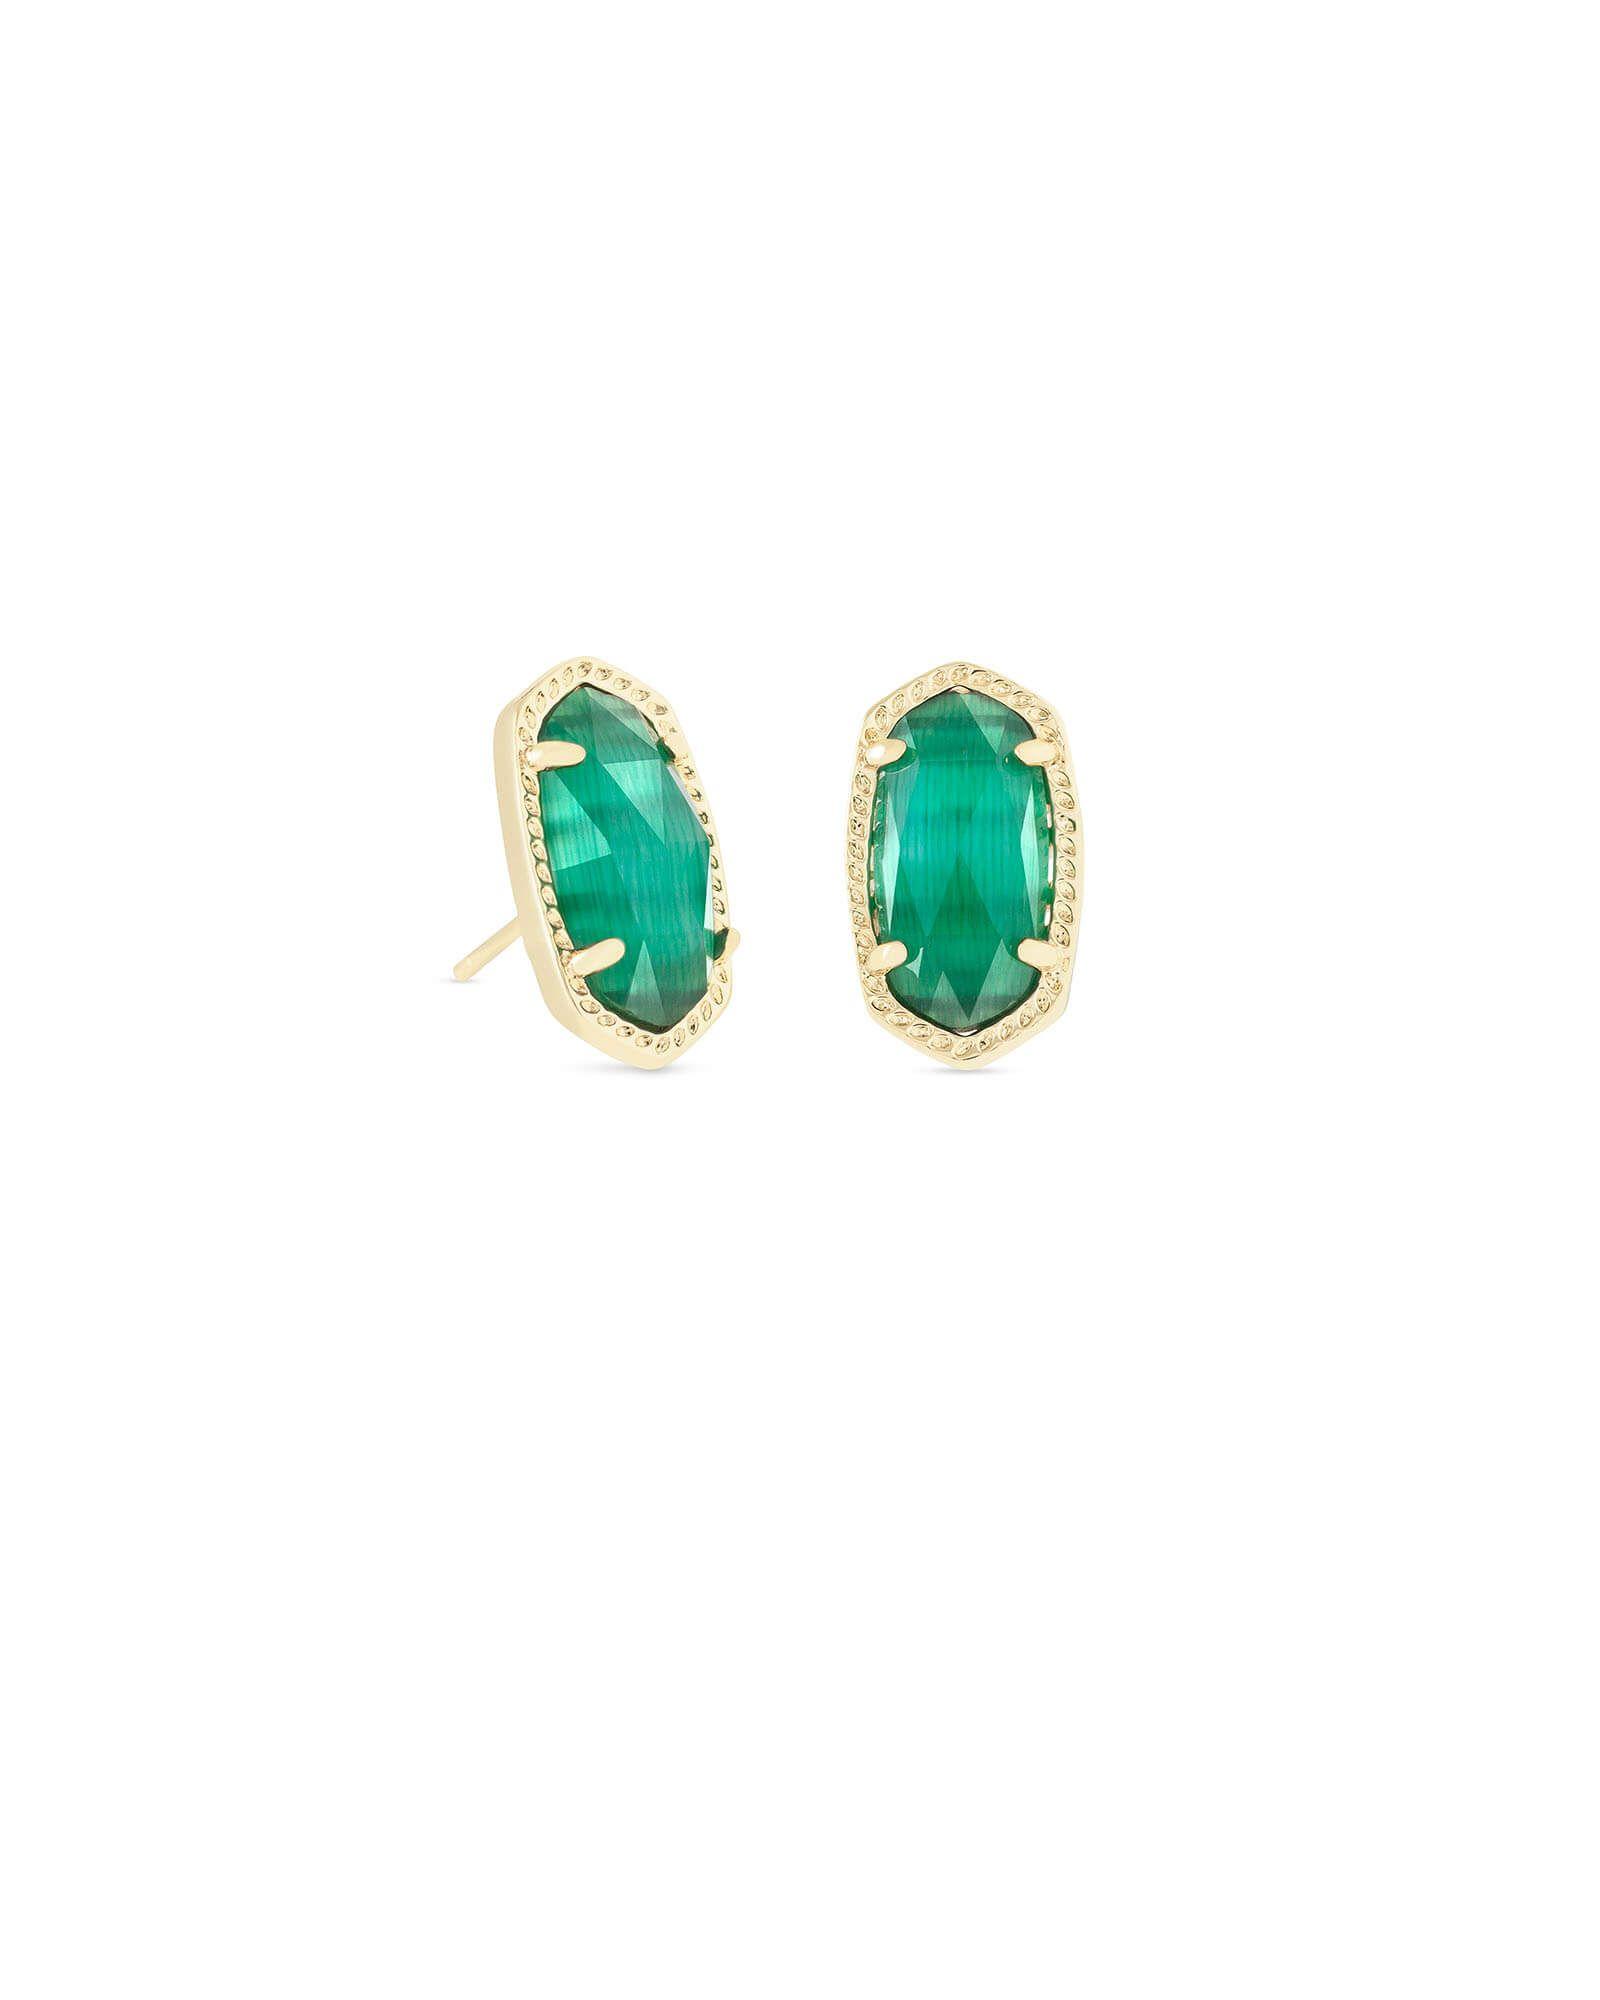 Ellie Gold Stud Earrings in Emerald Cats Eye Kendra